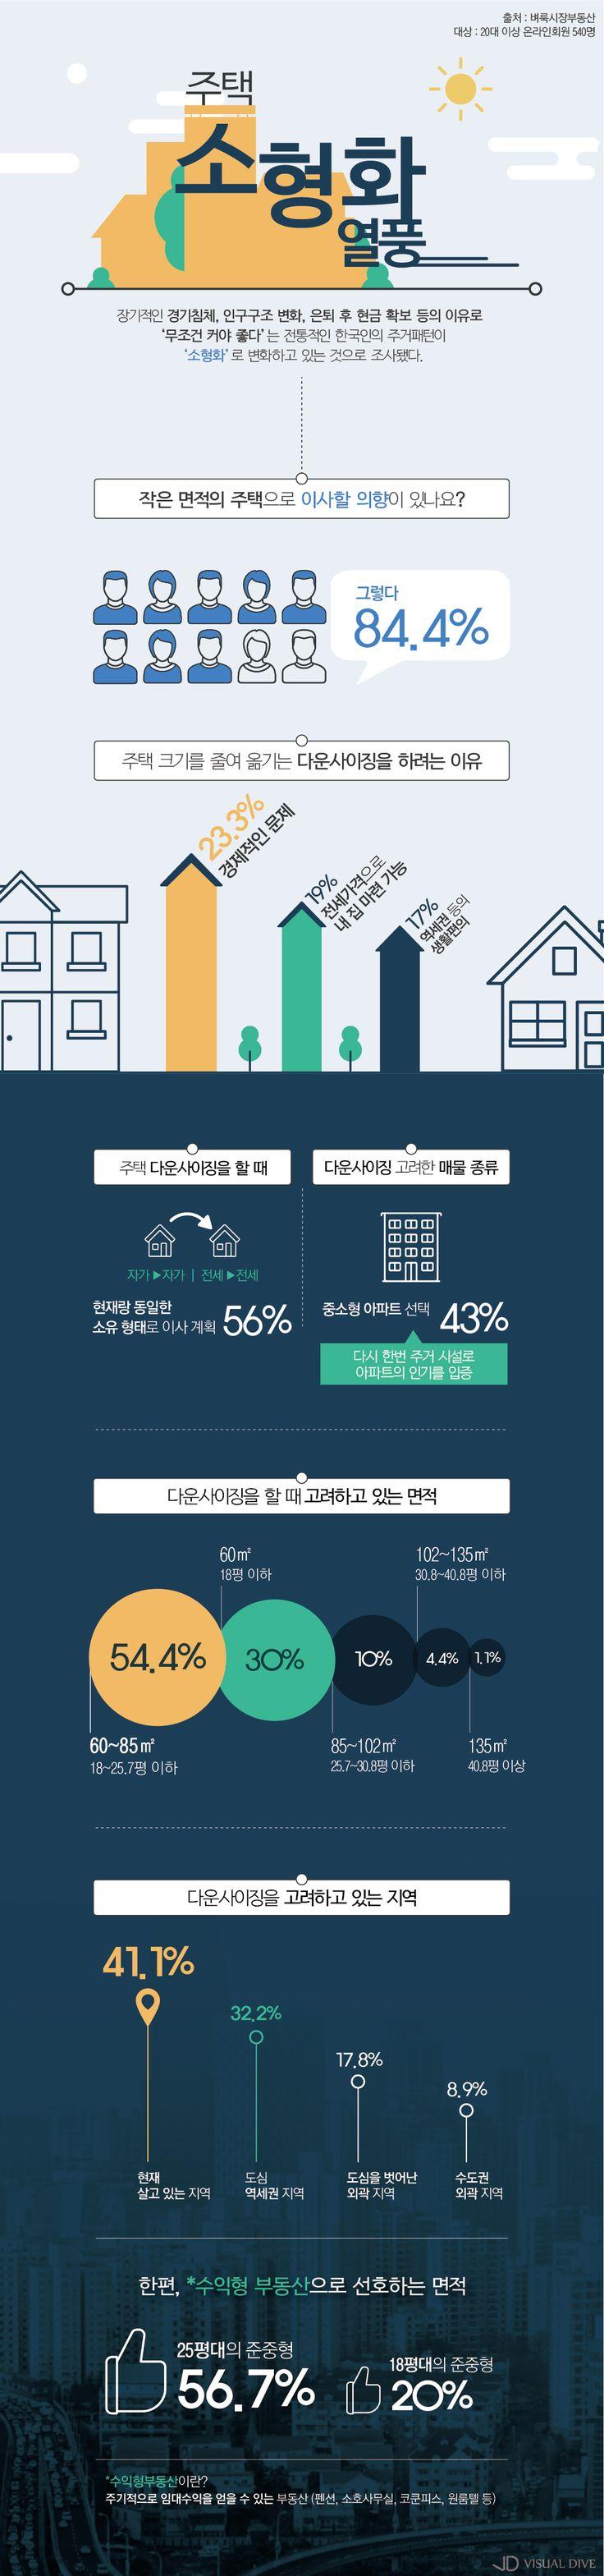 경제 부담에 '주택소형화 열풍'… 가장 선호하는 면적은? [인포그래픽] #house / #Infographic ⓒ 비주얼다이브 무단…